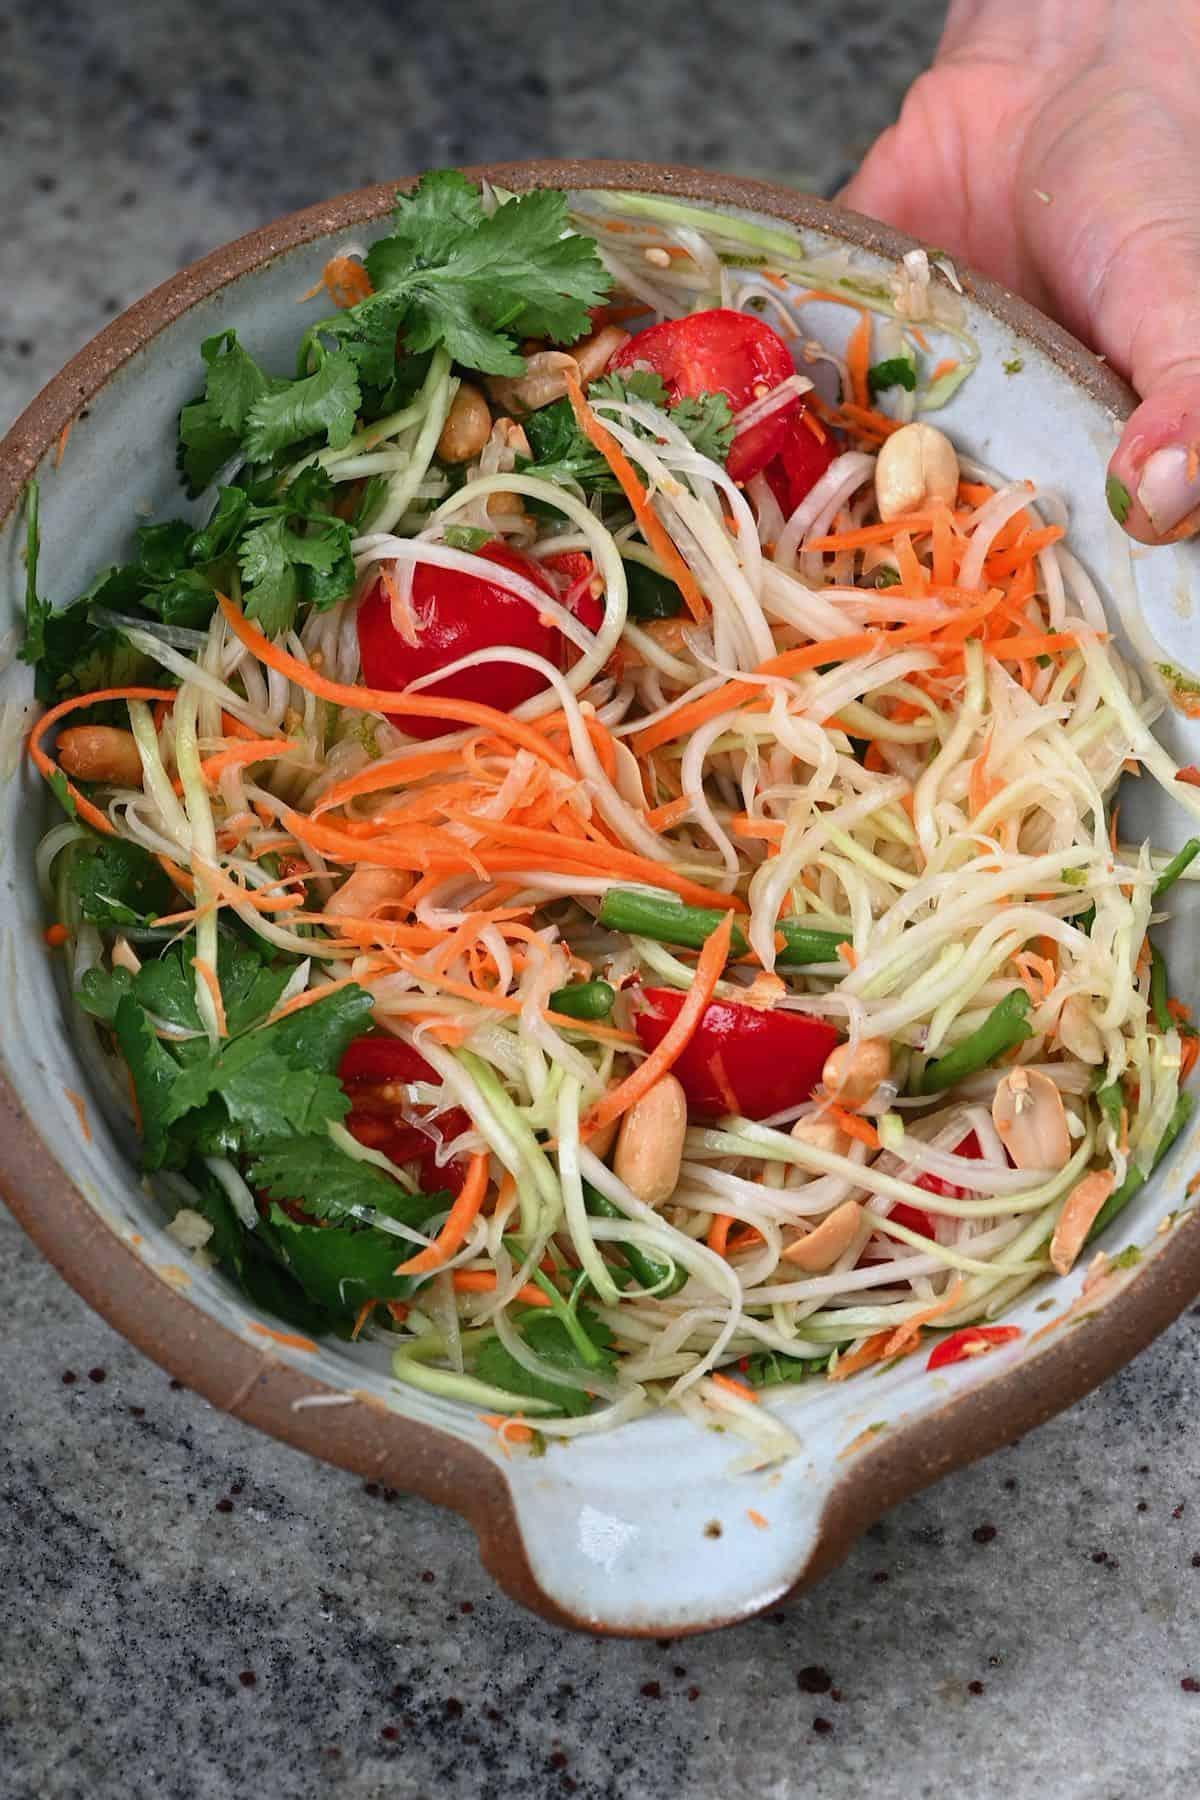 Green papaya salad in a bowl